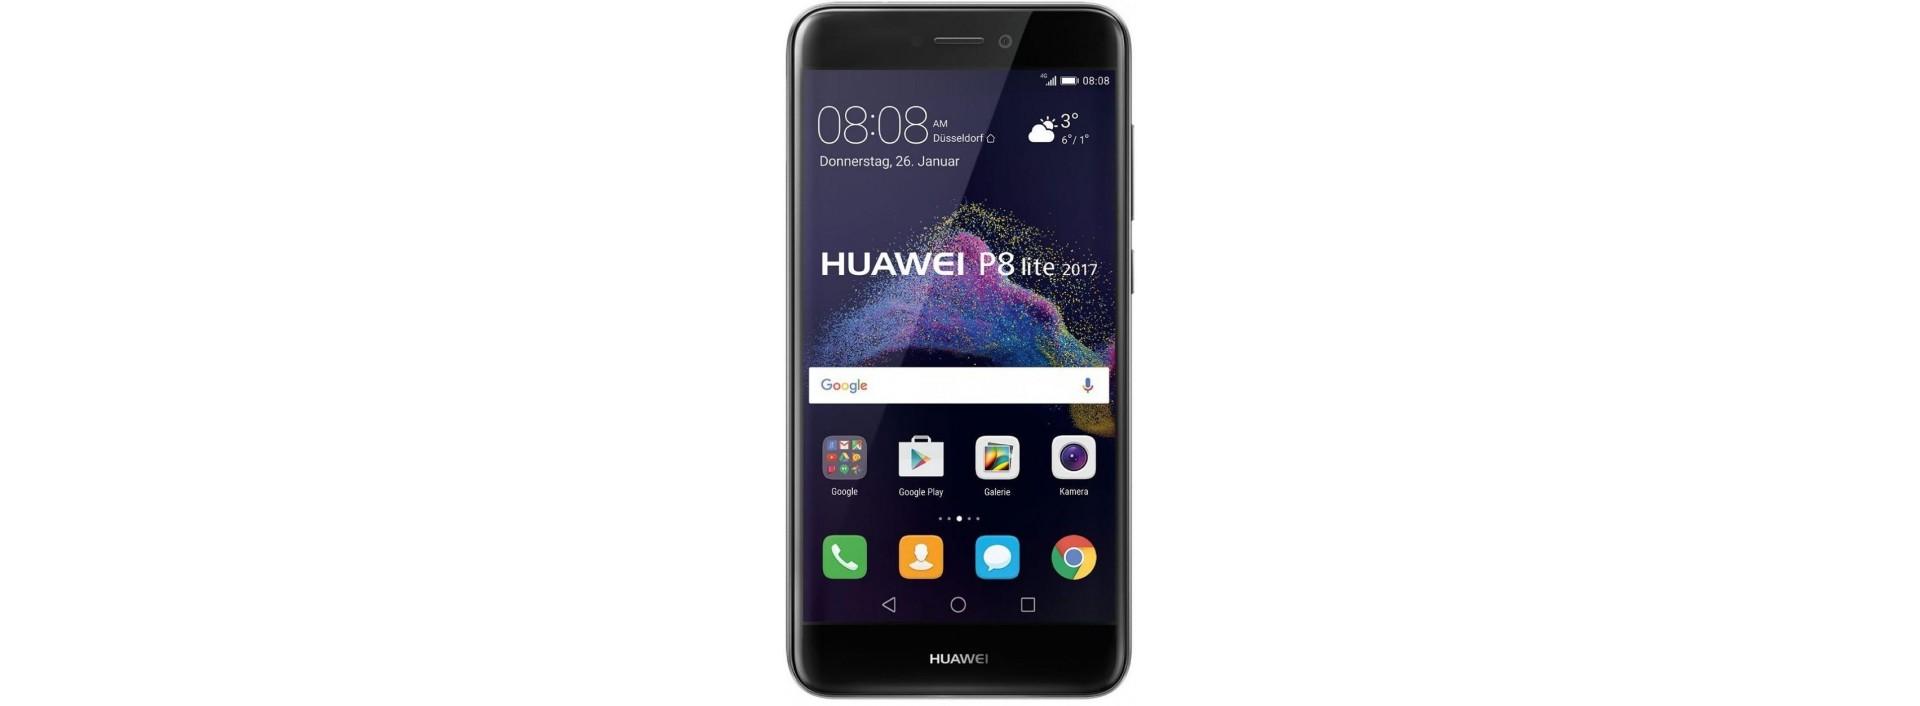 Fundas PERSONALIZADAS Huawei P8 Lite 2017, Envío Gratis en TMS